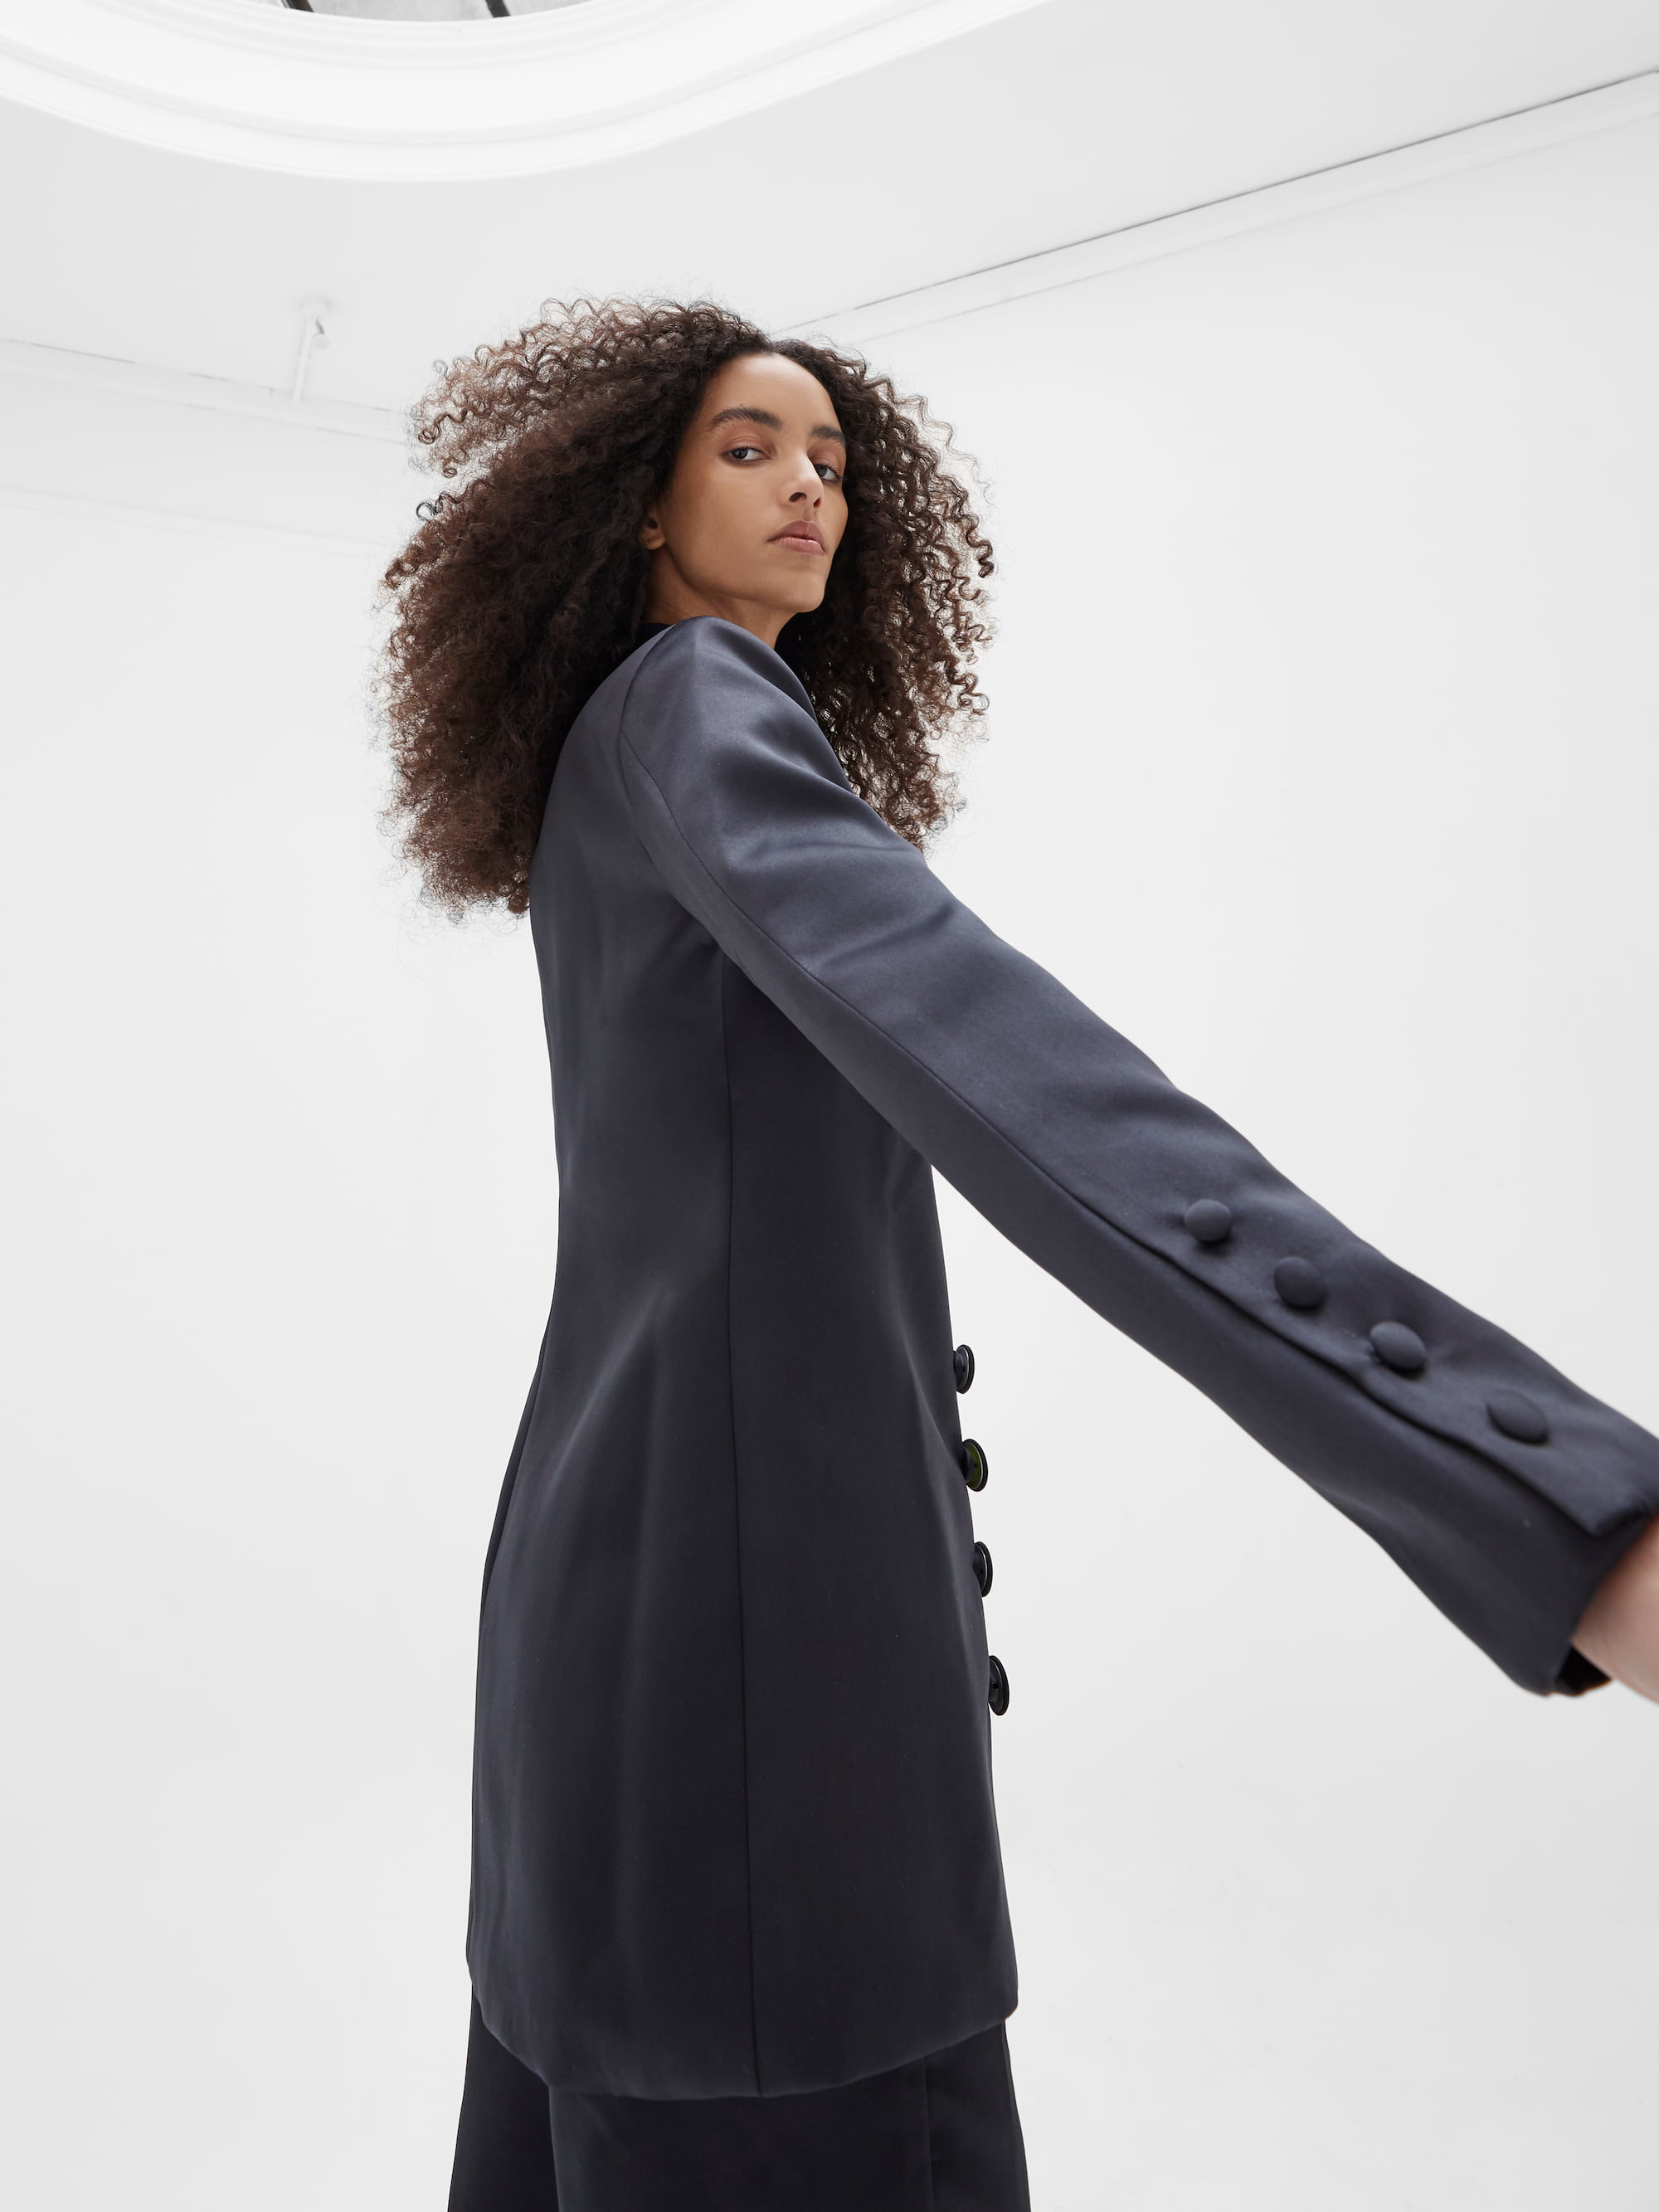 View 2 of model wearing Kamala Blazer in black.